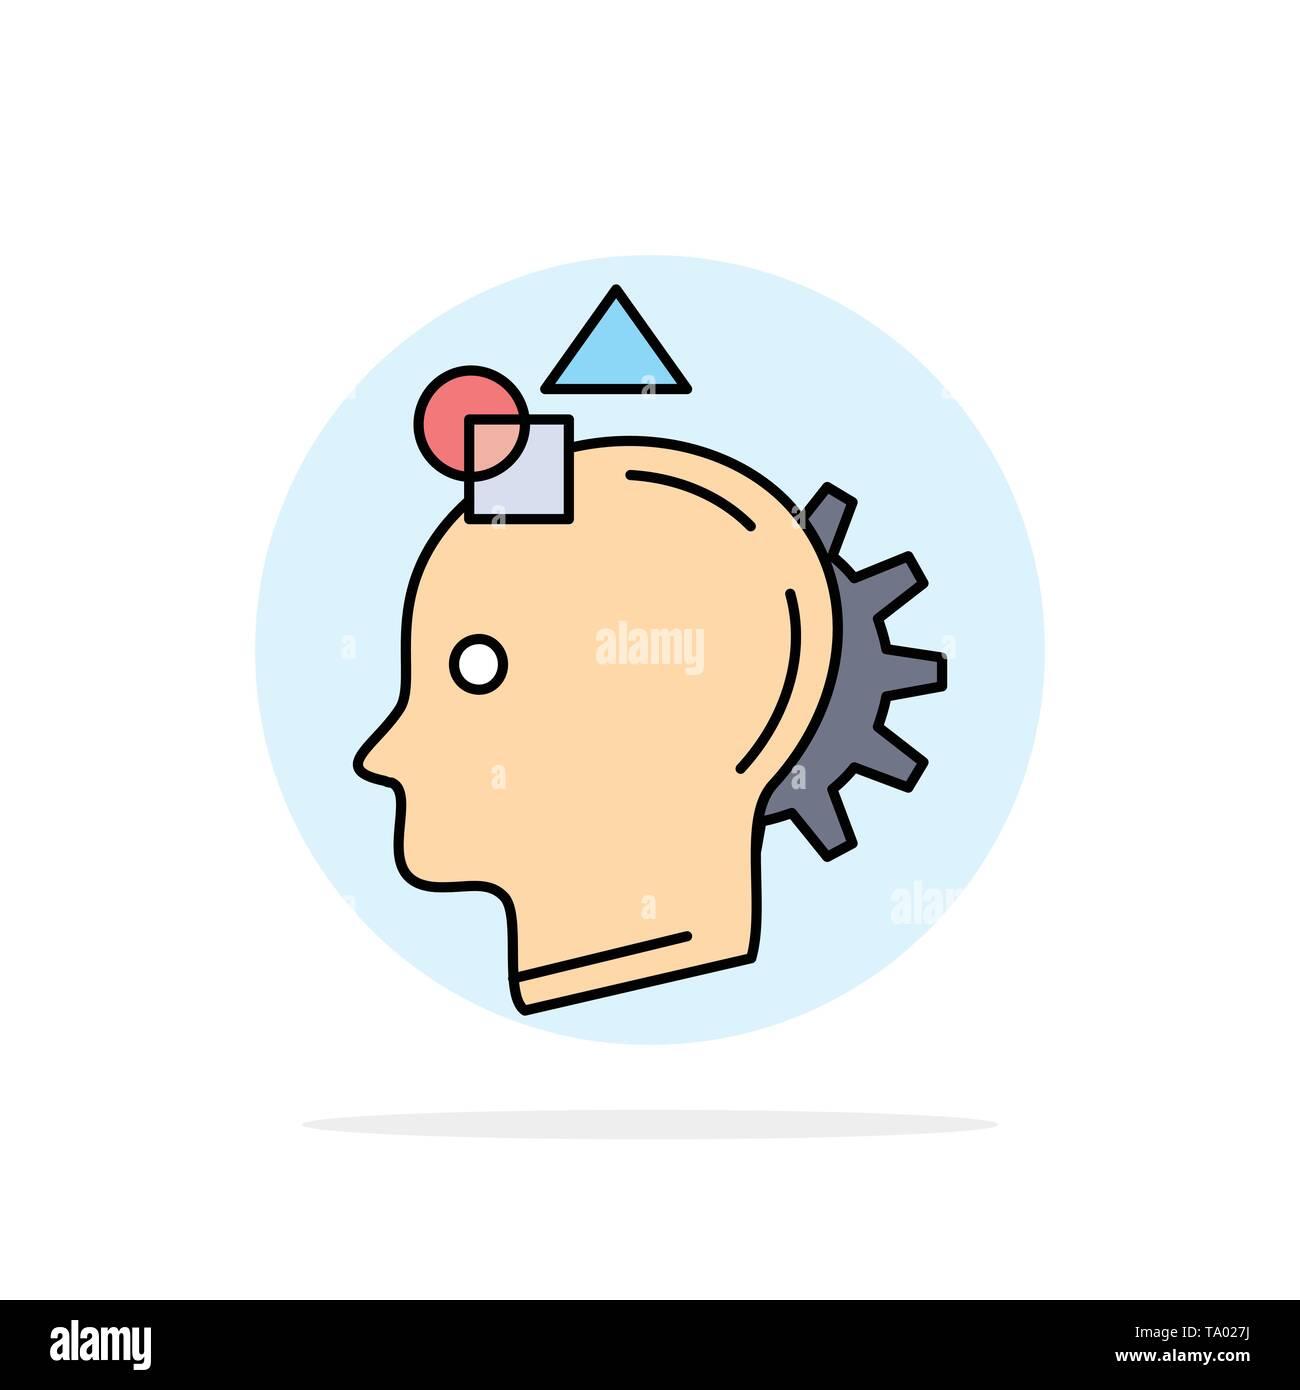 Vorstellungskraft, Phantasie, sich vorstellen, Idee, Prozess flachen Farbe Symbol Vektor Stockbild